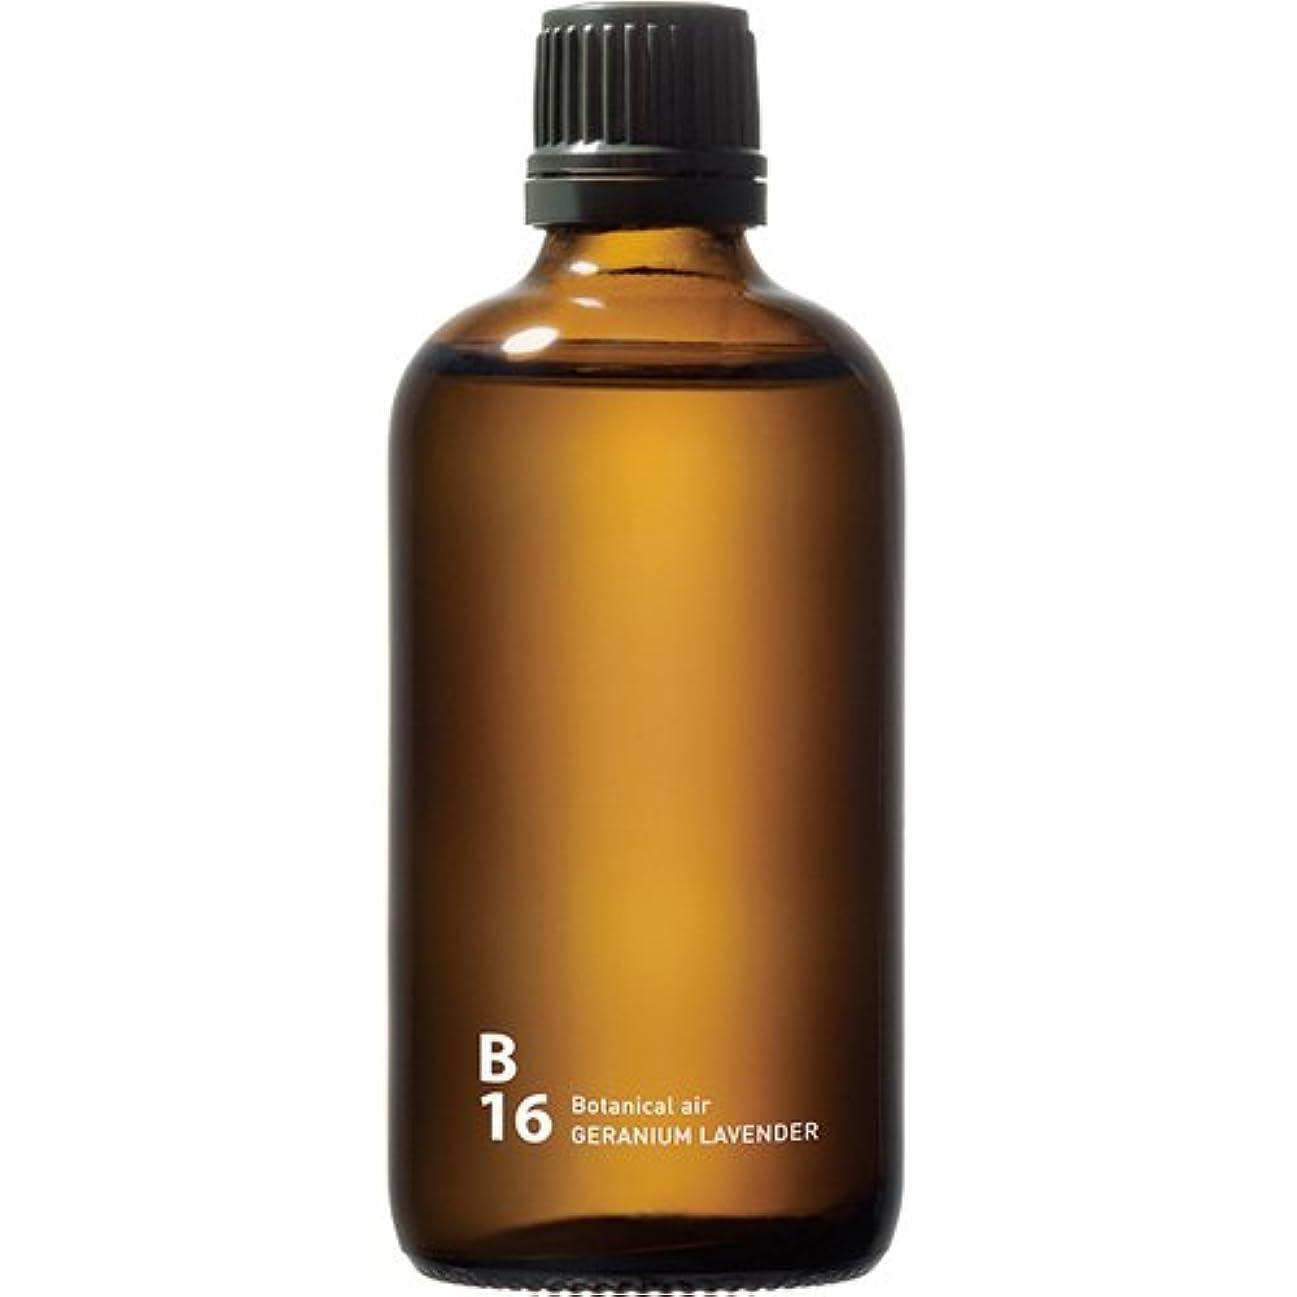 薄いですまさに一緒B16 GERANIUM LAVENDER piezo aroma oil 100ml